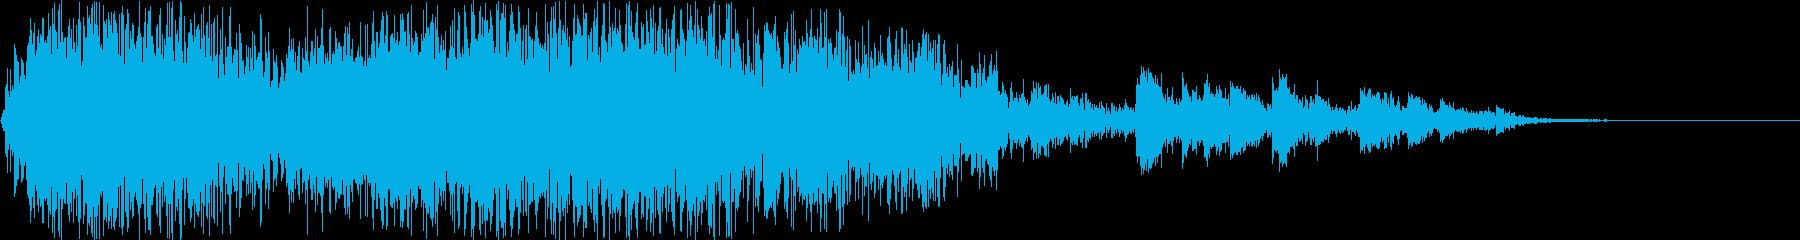 重い可燃性貯蔵ドラムの爆発の再生済みの波形